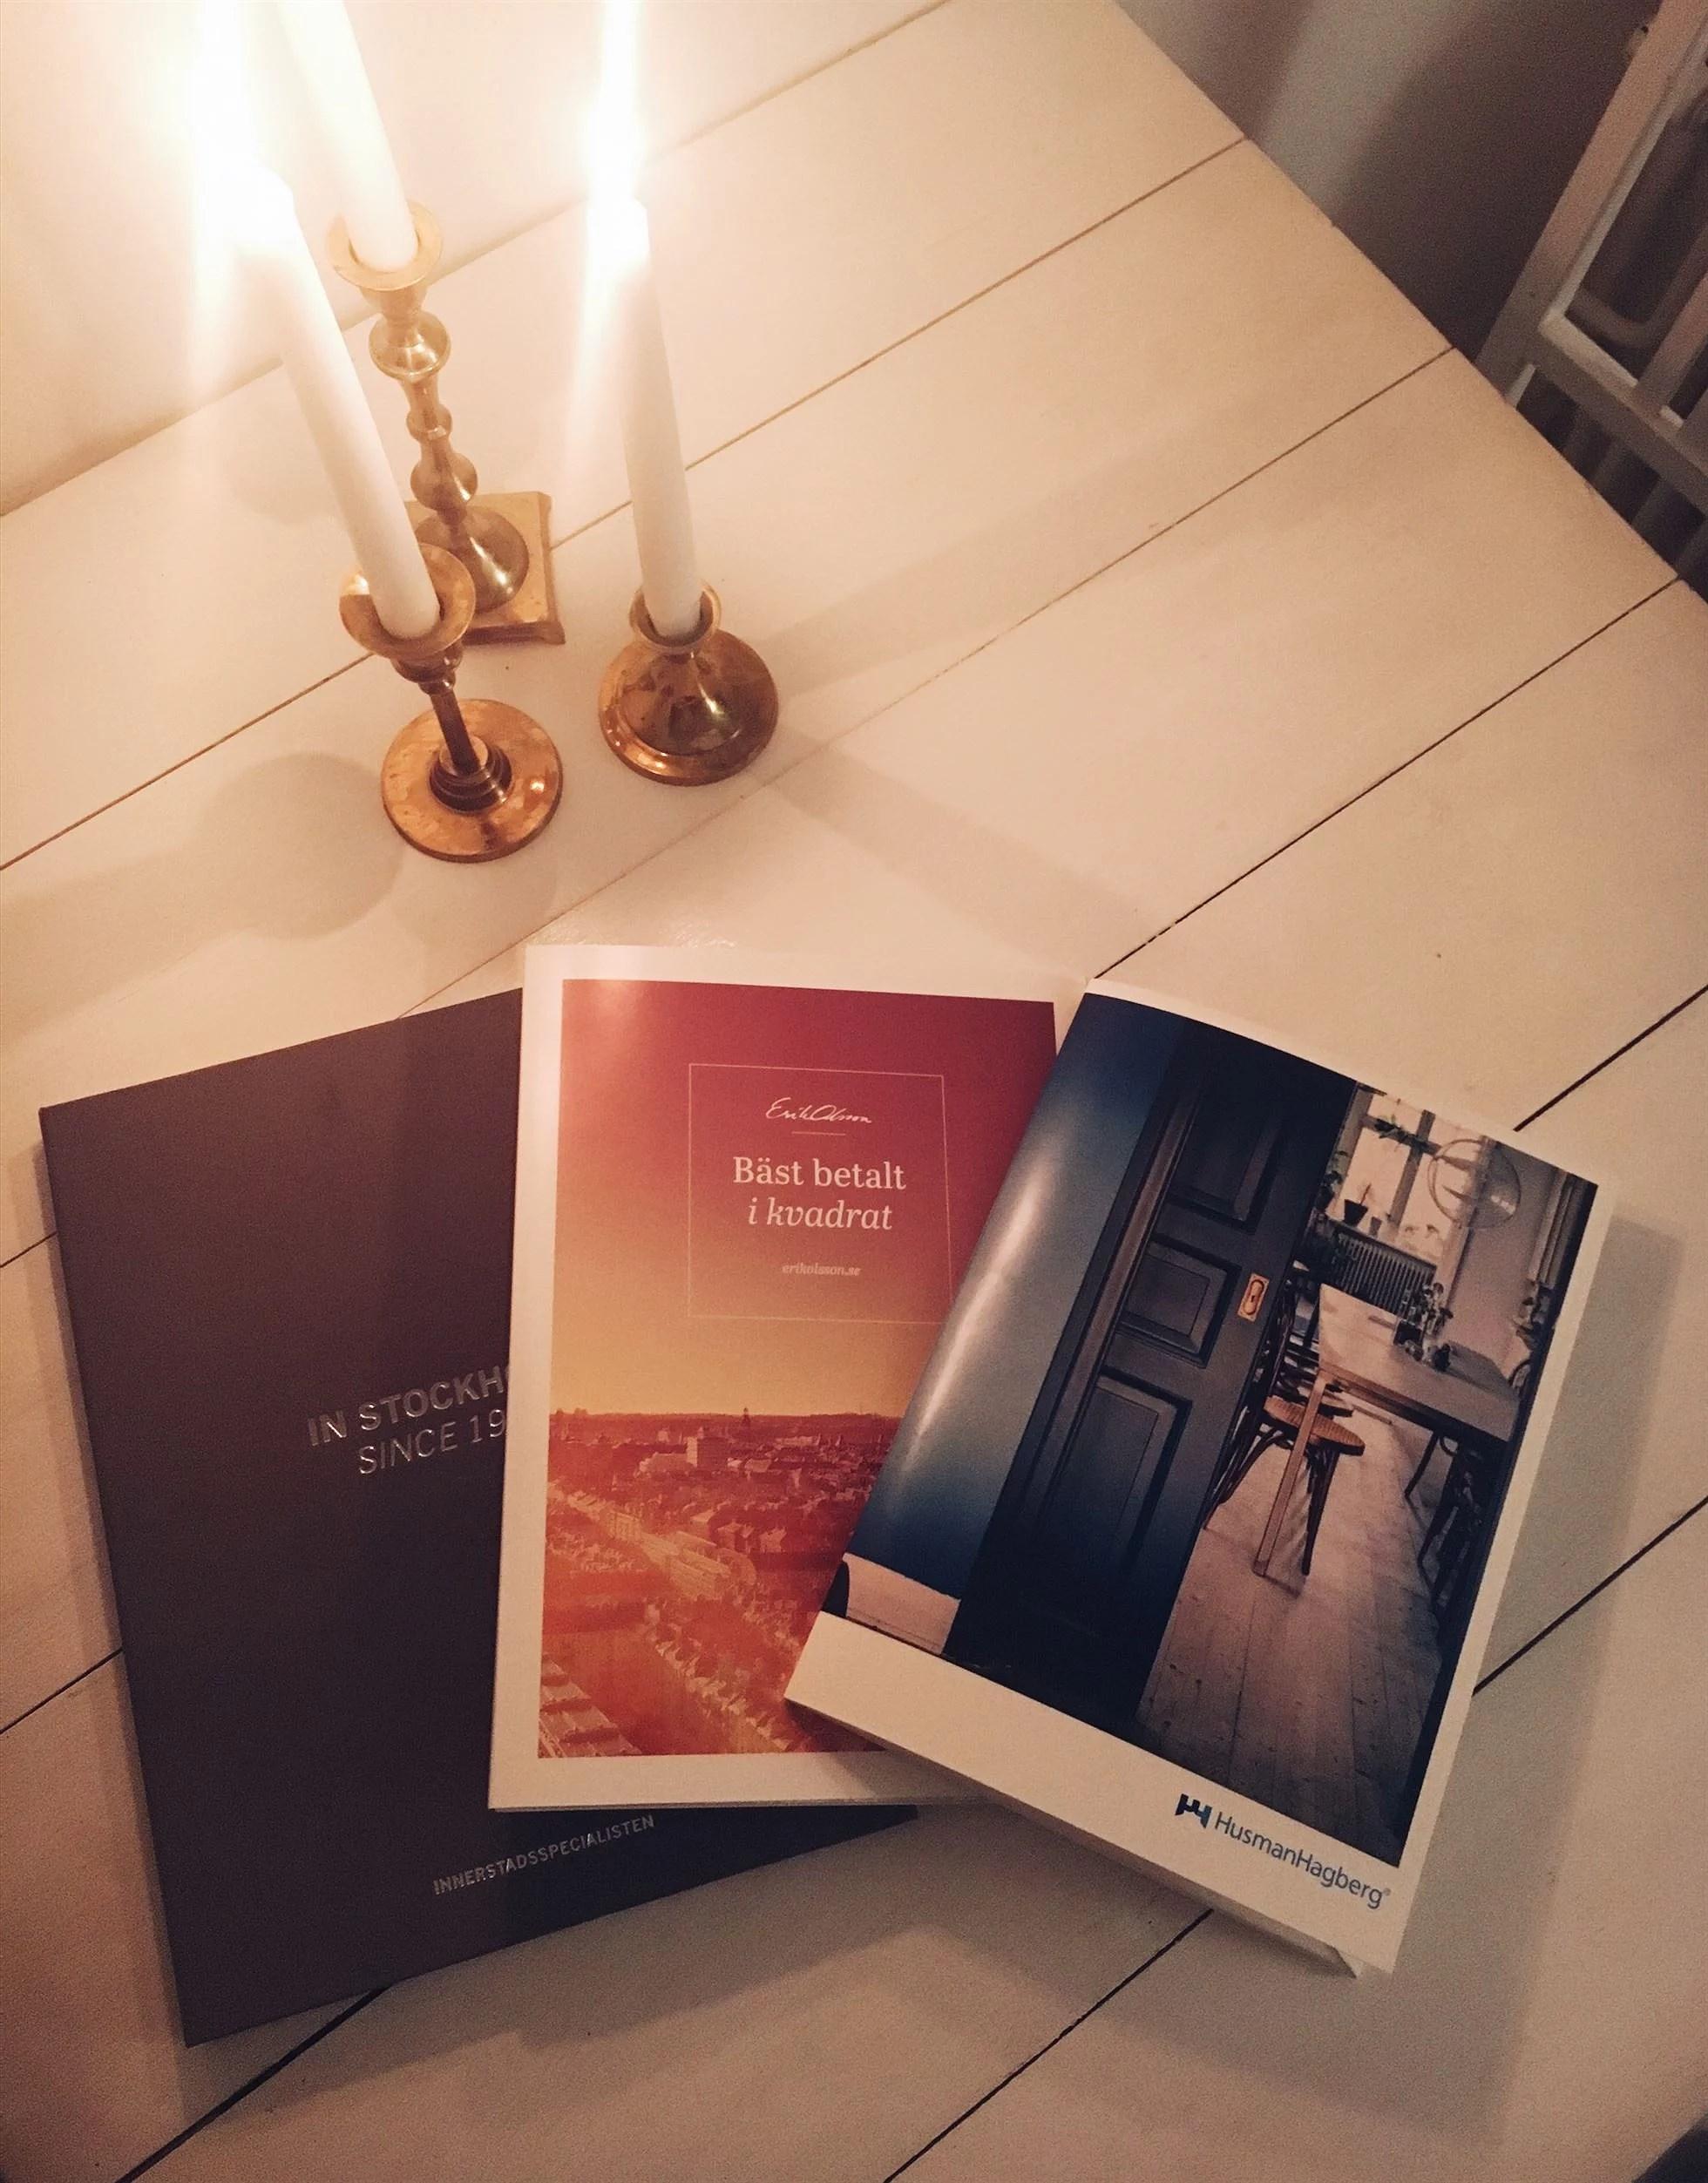 KÖPA & SÄLJA LÄGENHET